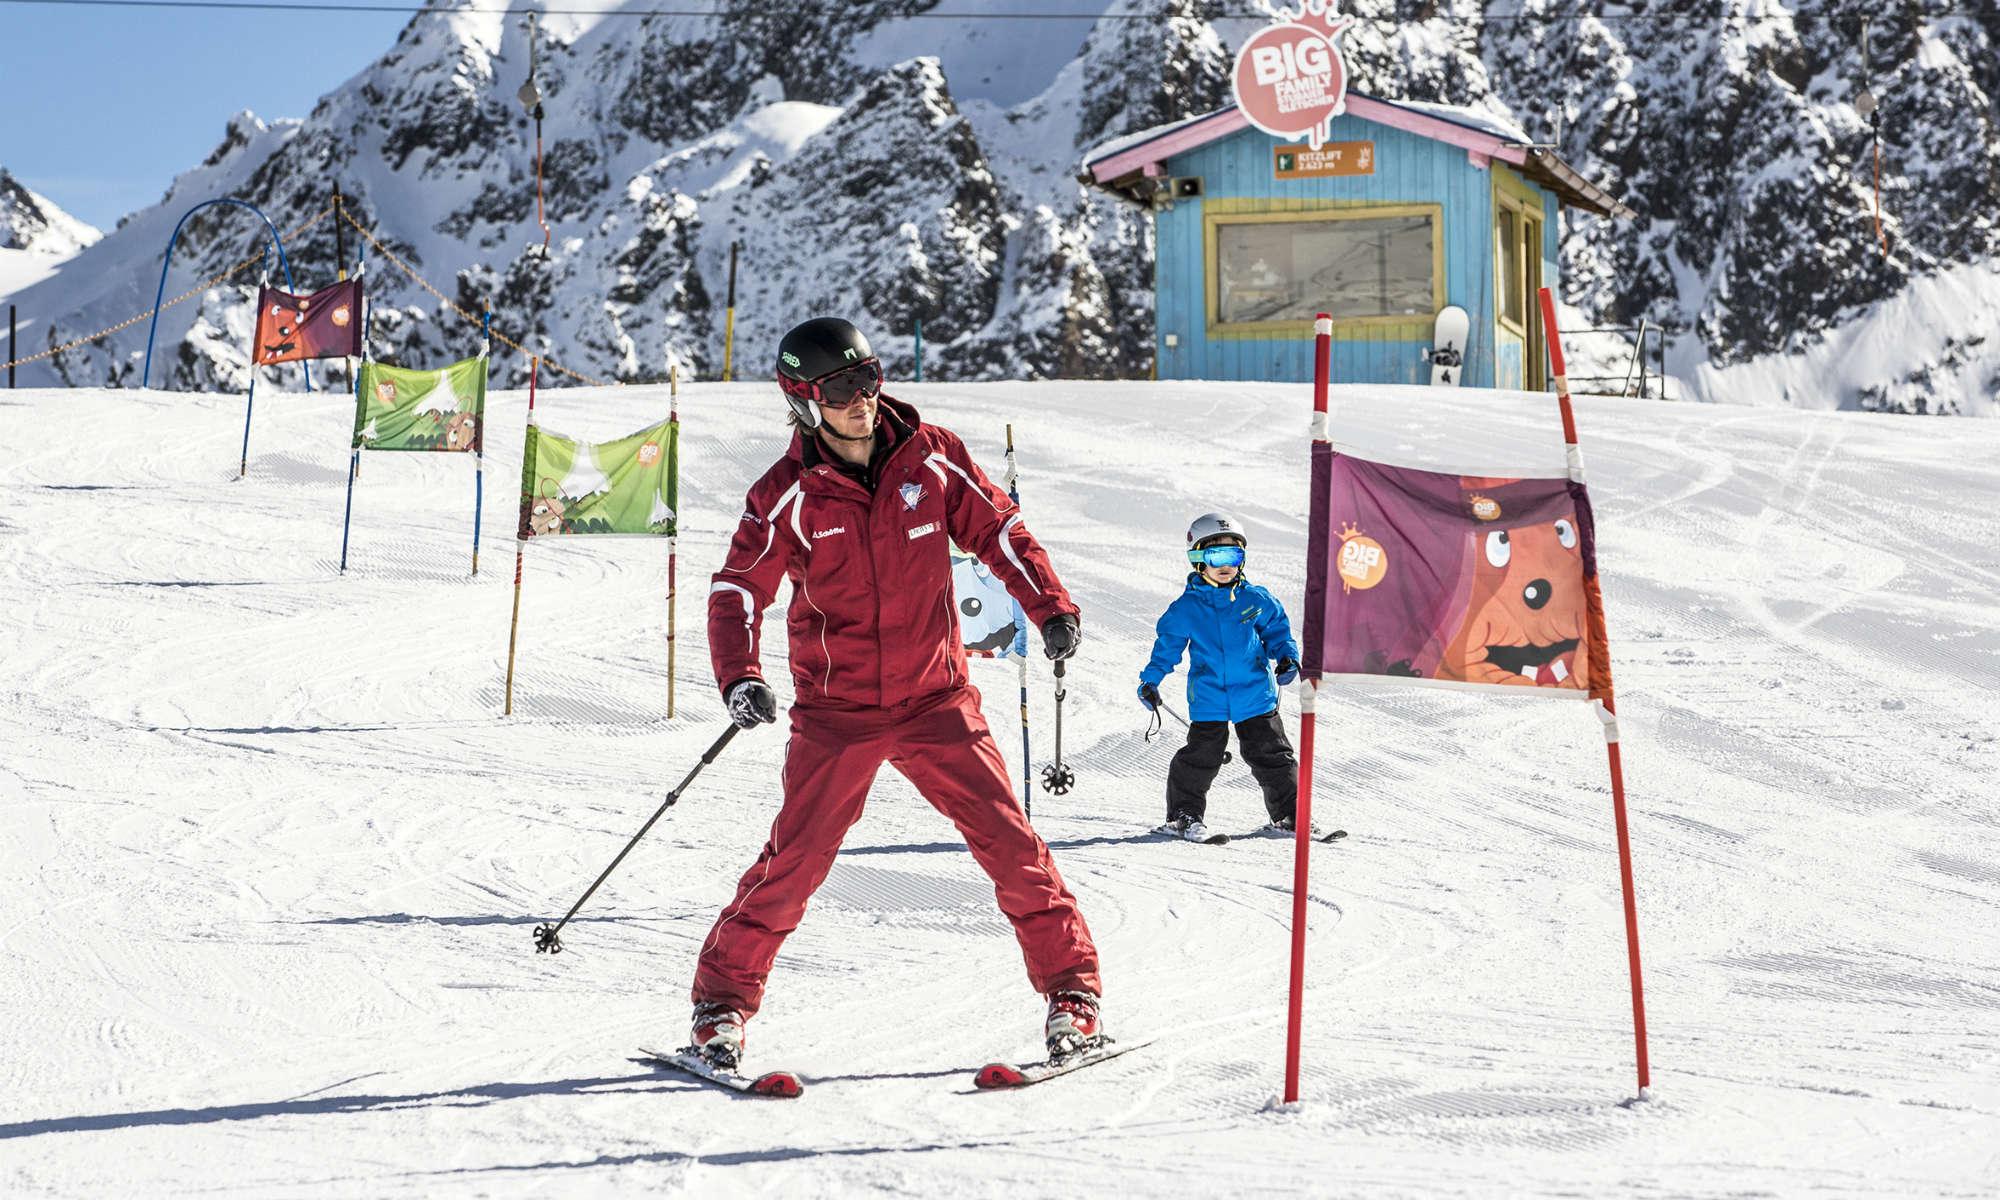 Ein Skilehrer zeigt einem Kind, wie man die Slalompiste am Stubaier Gletscher am besten bewältigt.